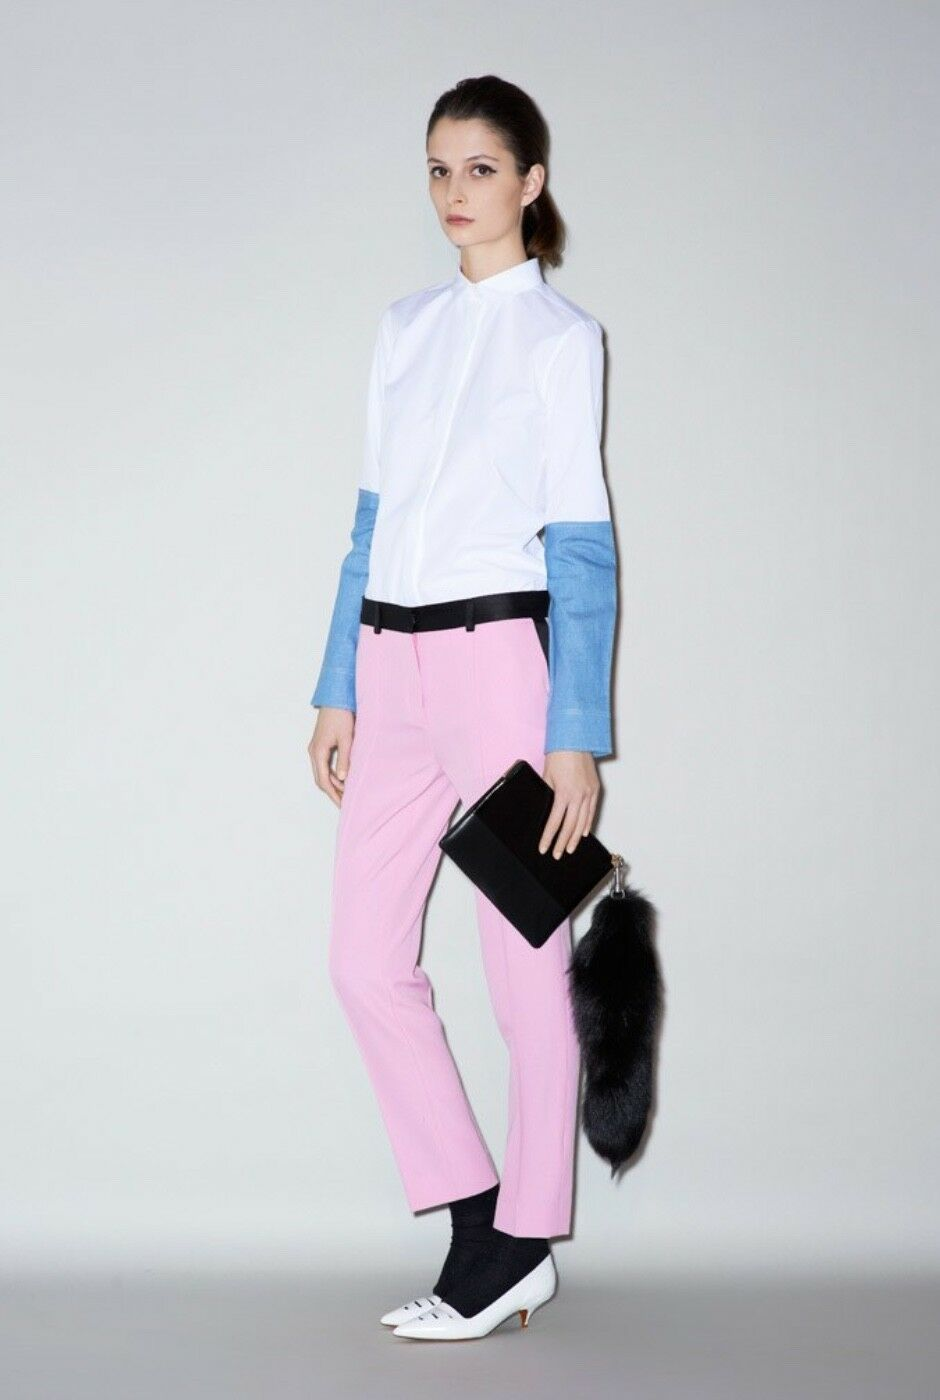 Céline  Pre-fall 2011 Rosa Pants Trousers straight cut Größe 36 Phoebe Philo